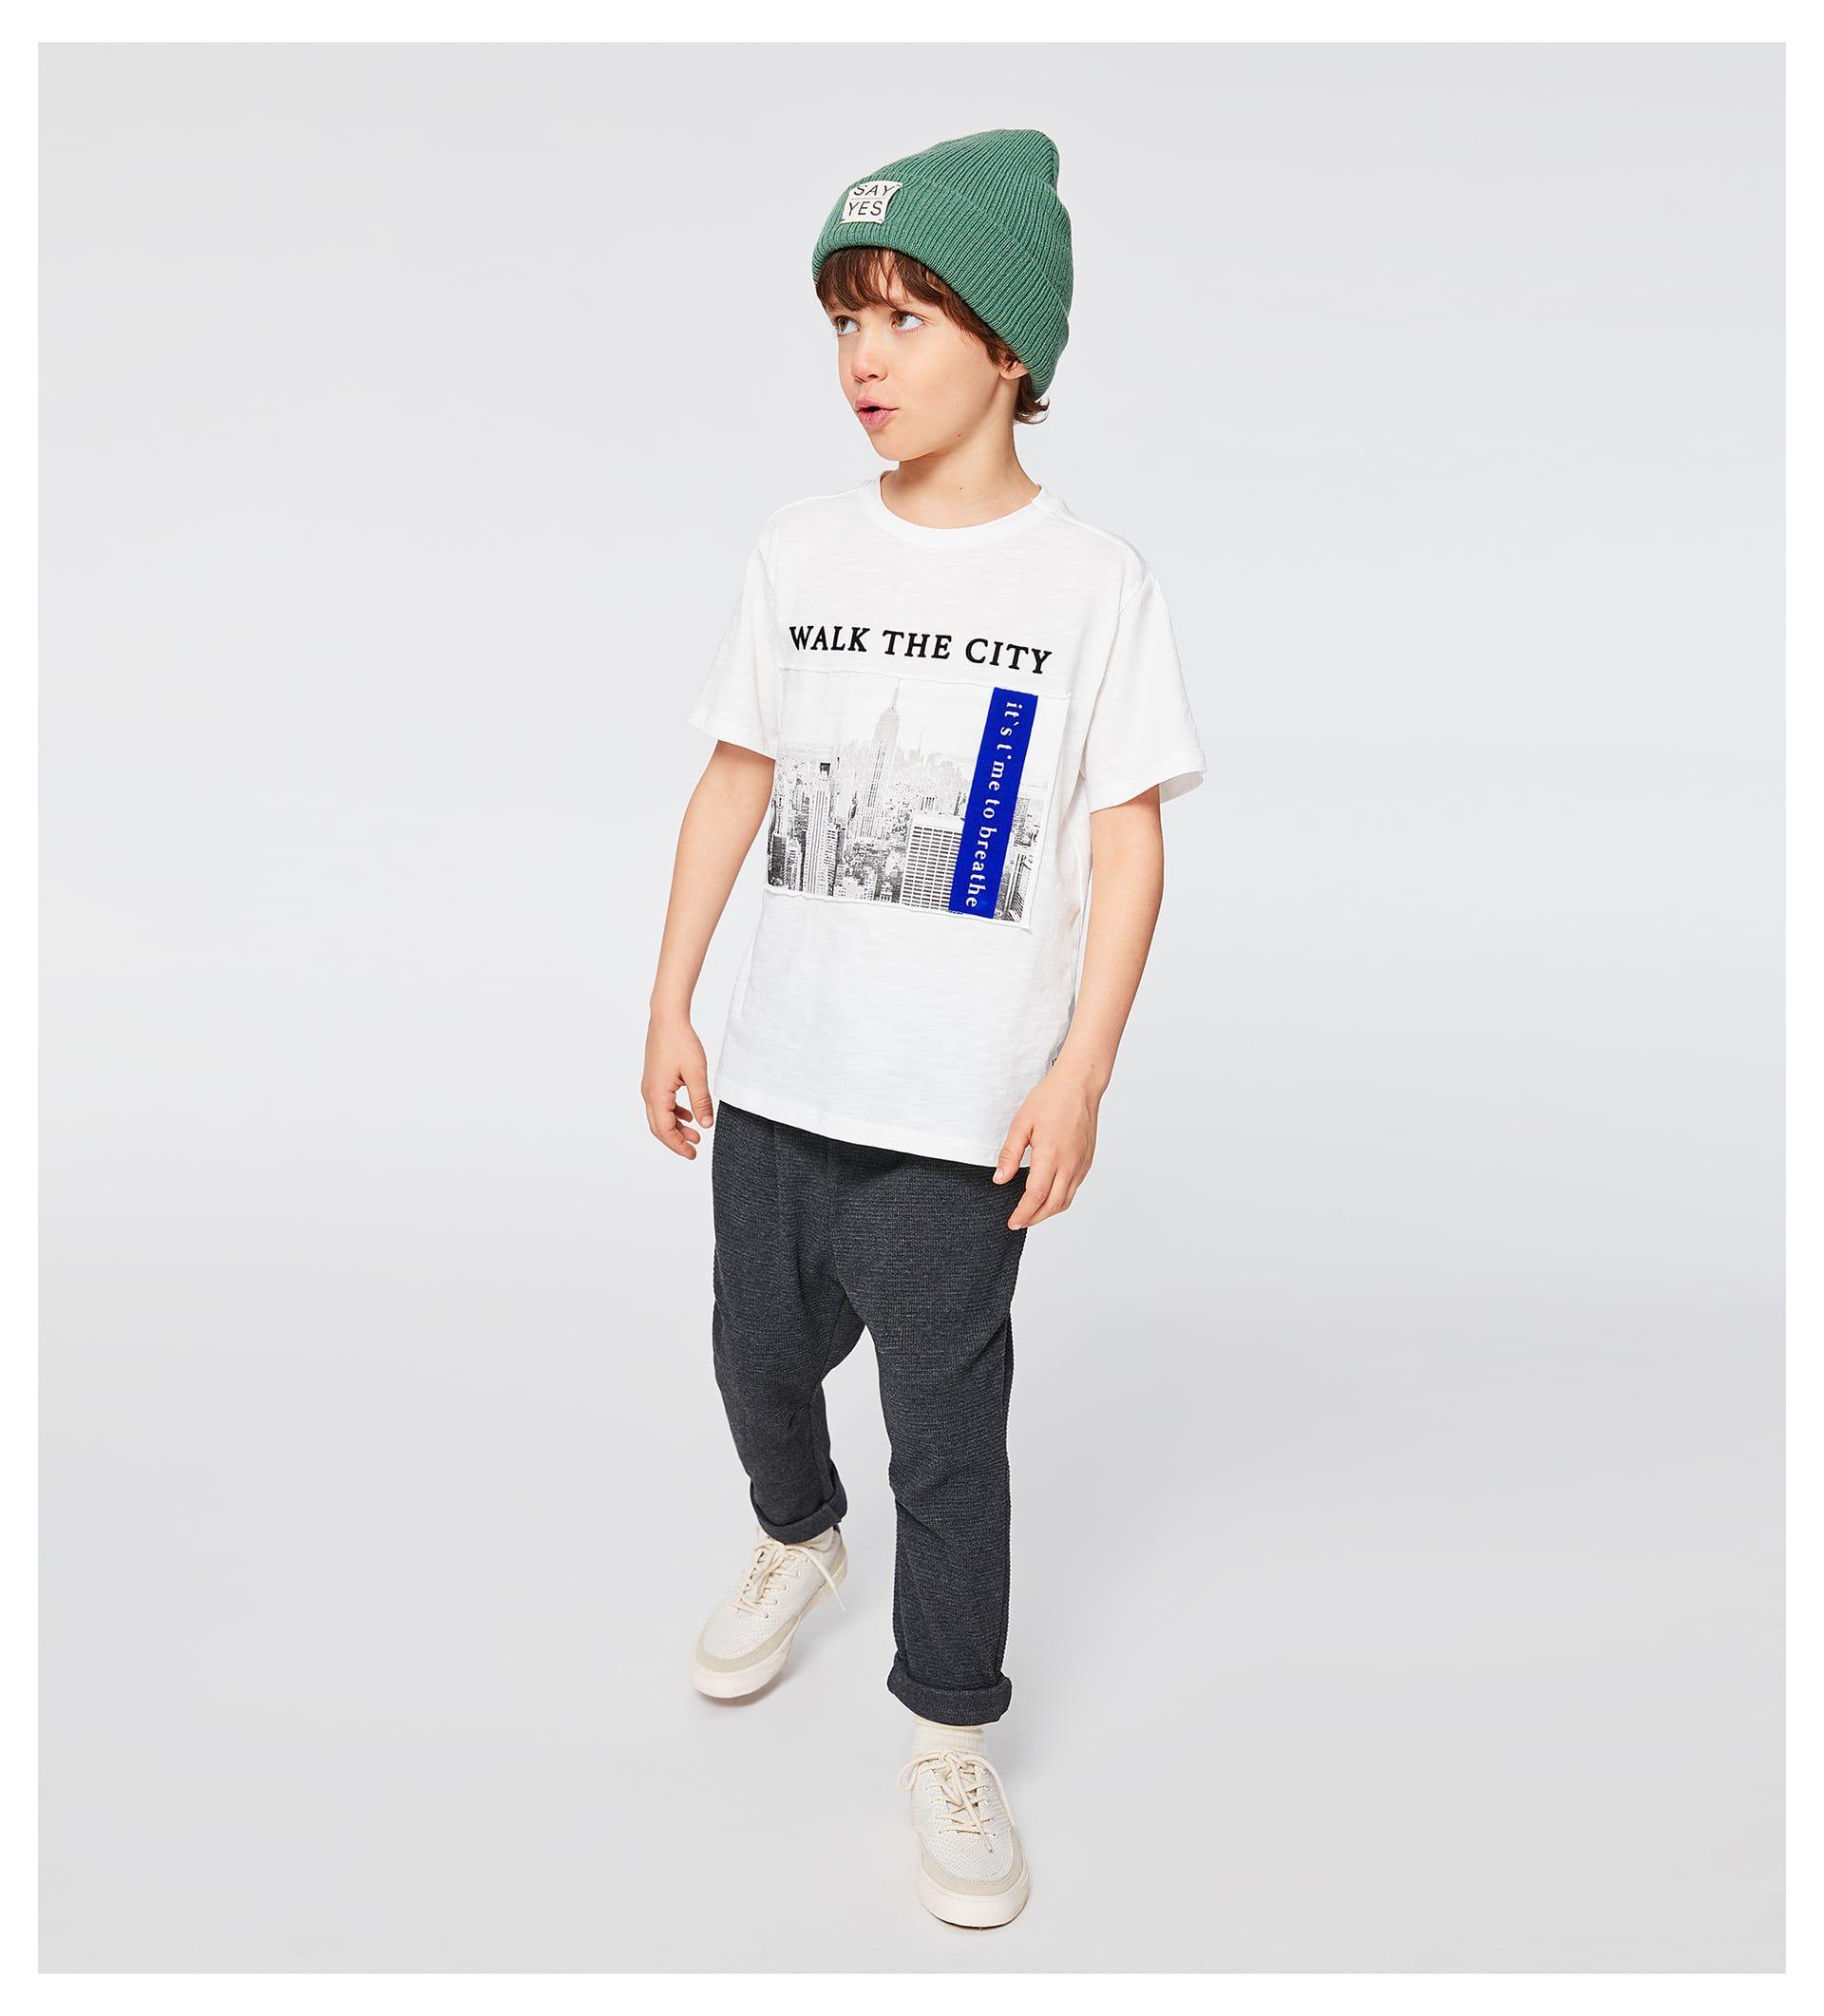 51ae5d878ef7 Boys  Fashion